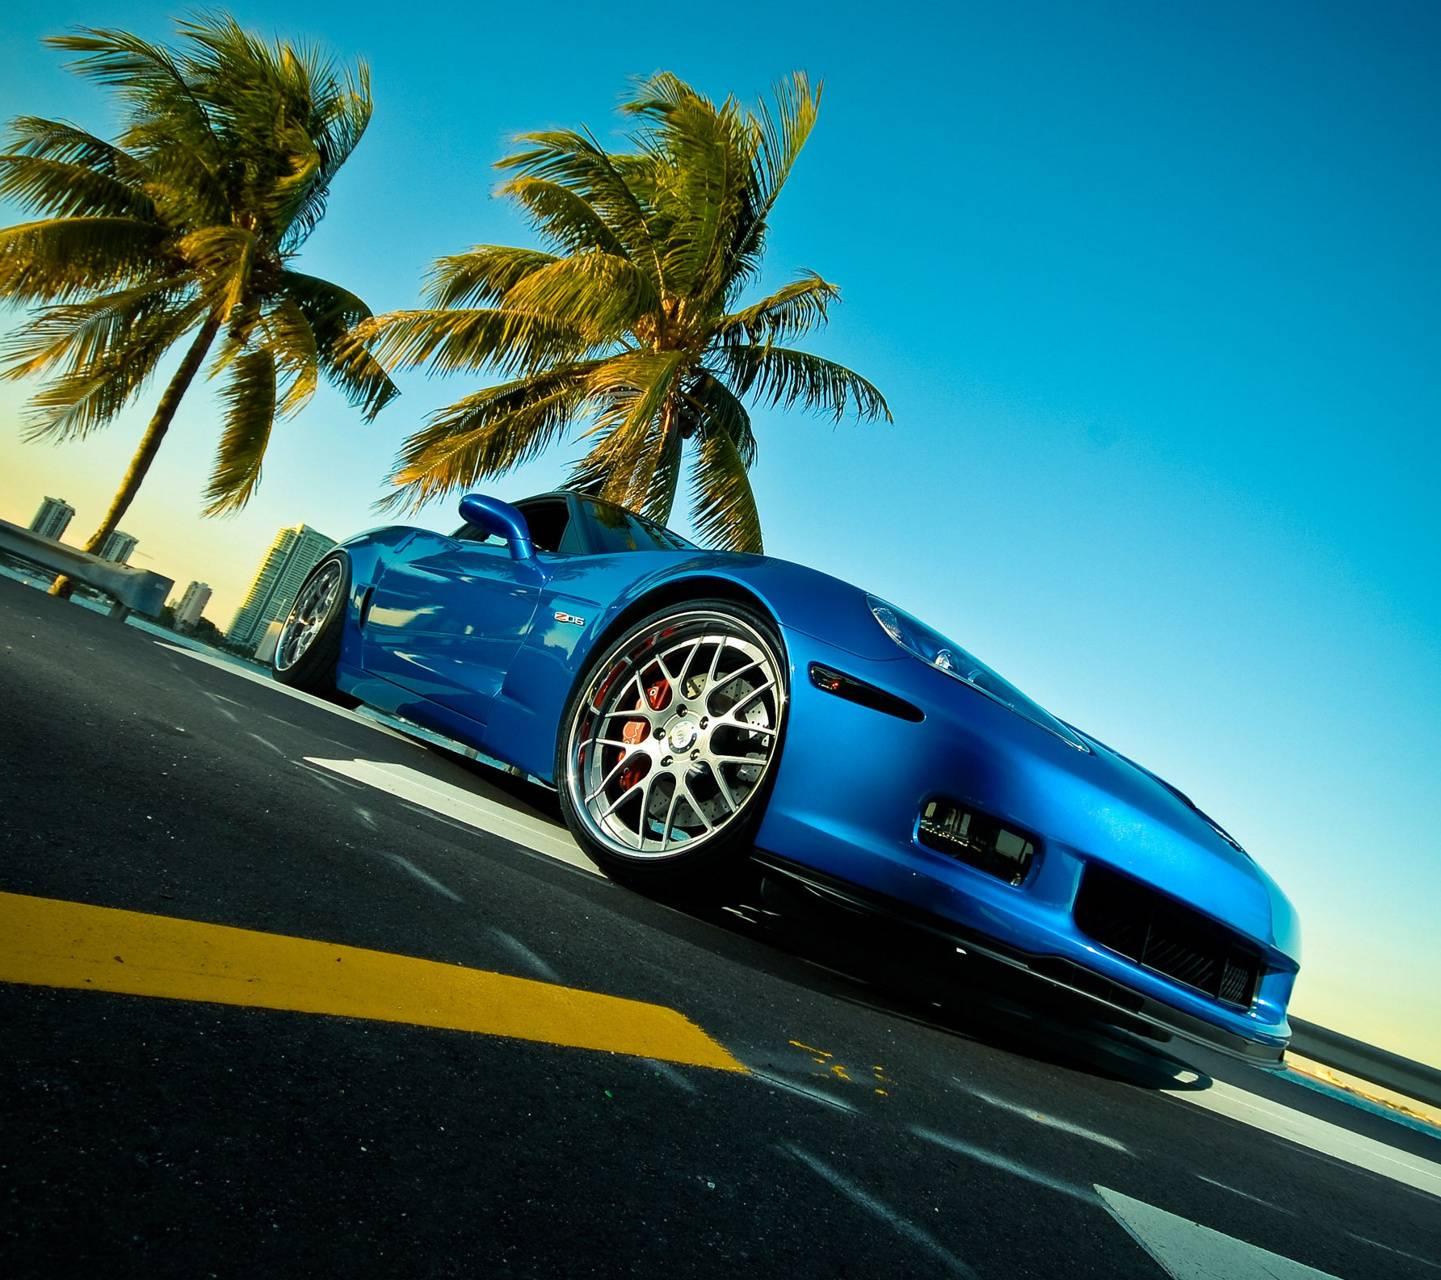 Corvette Z06 Hd